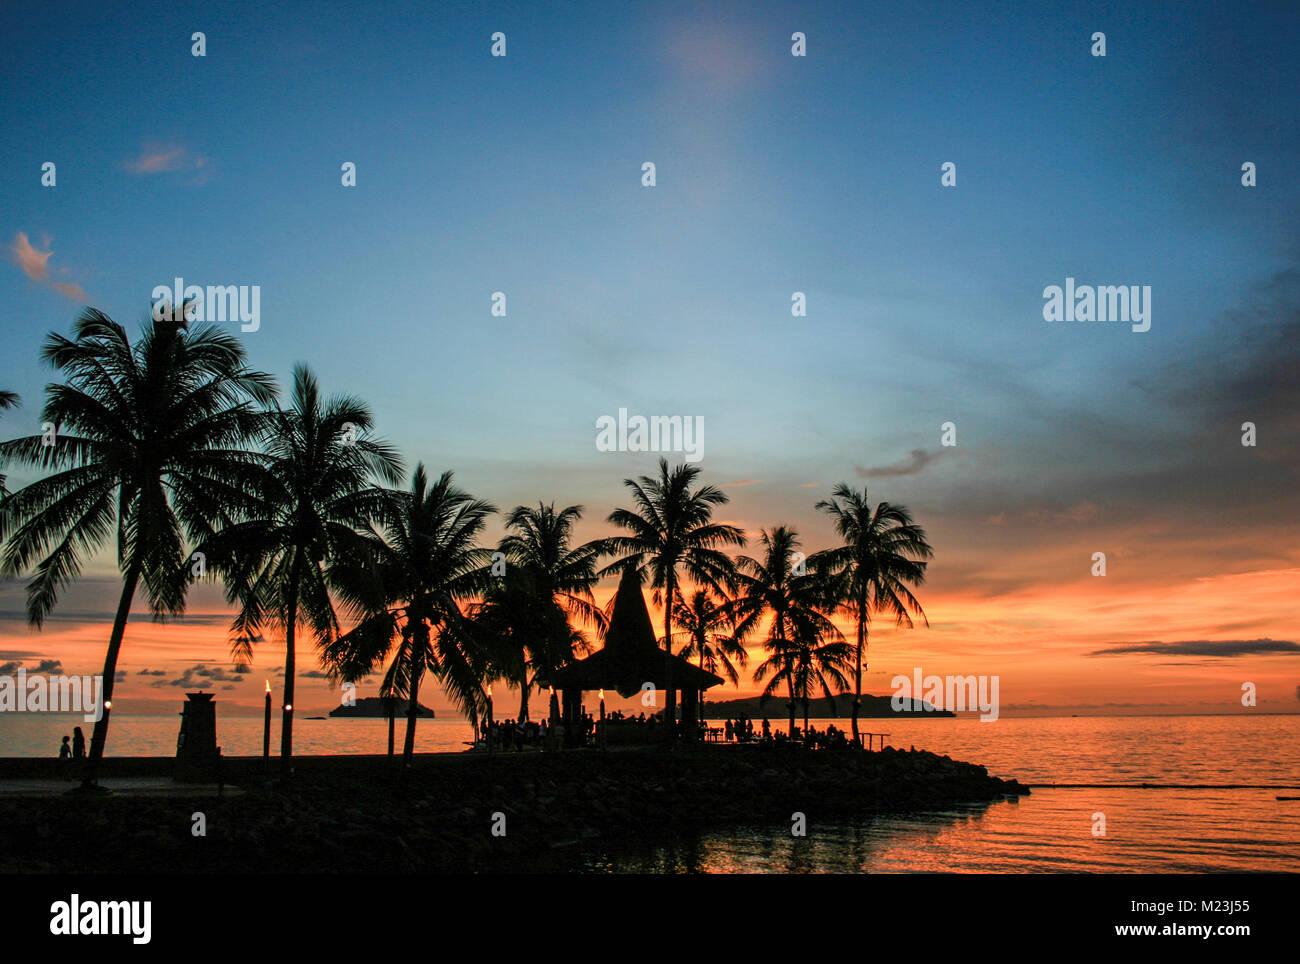 Sunset off Tanjung Aru, Kota Kinabalu, Sabah, Malaysia - Stock Image